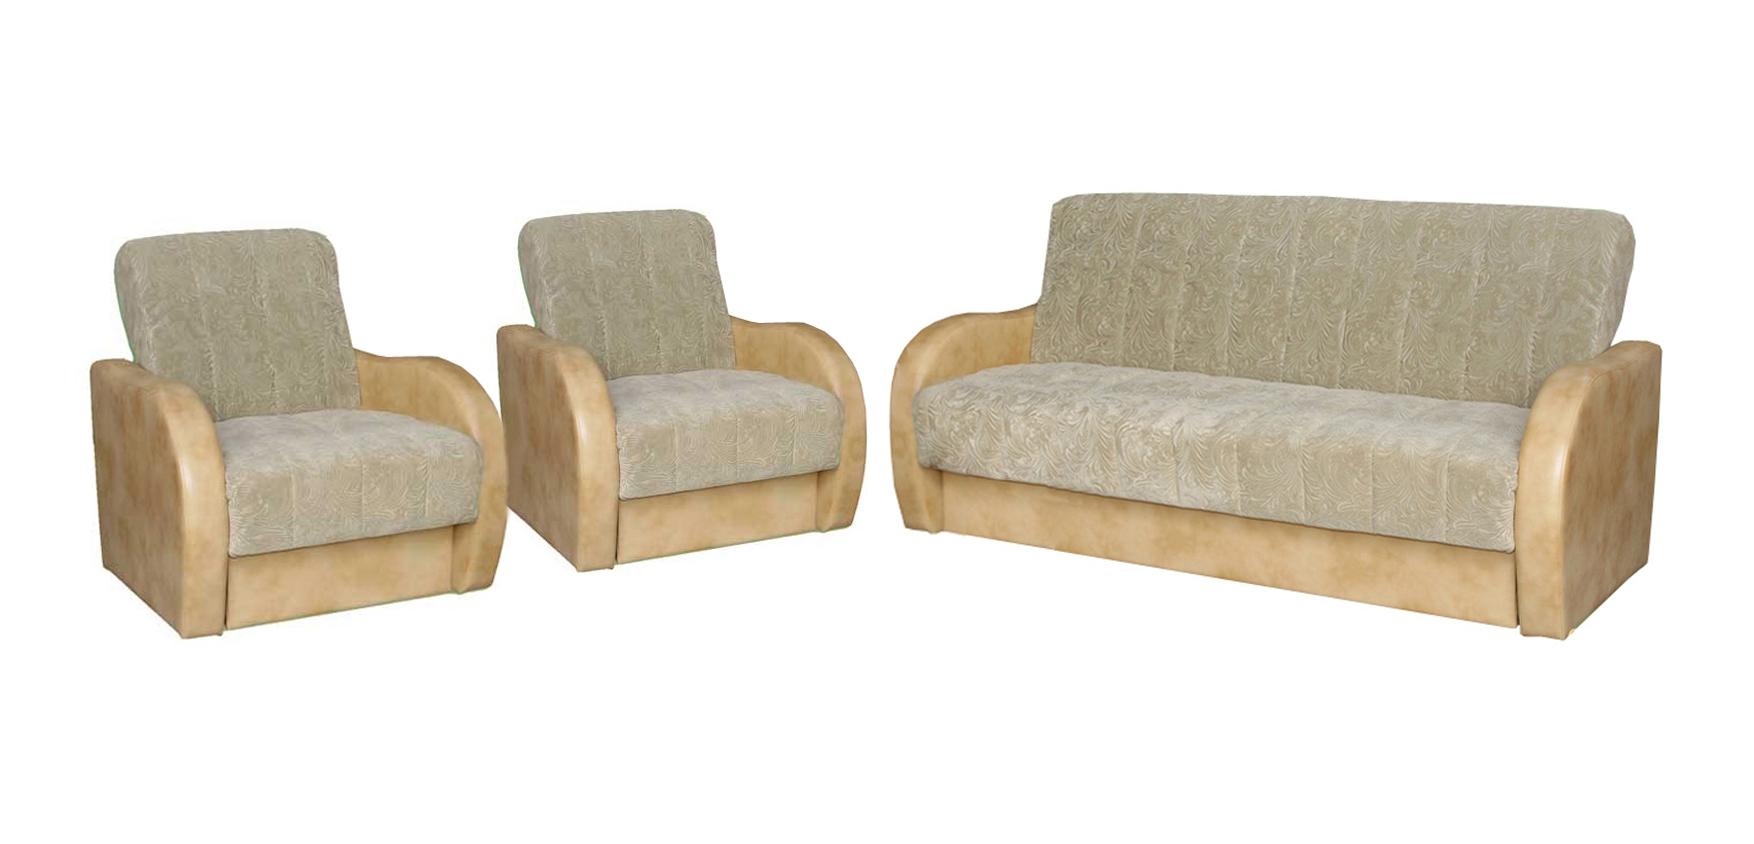 Комплект мягкой мебели Прима-Люкс 3+1+1Комплекты мягкой мебели<br>Размер: диван: 214х95 (сп. м. 133х190); кресло: 84х90<br><br>Механизм: Книжка<br>Каркас: Деревянный<br>Полный размер: 214х95<br>Спальное место: 133х190<br>Размер кресла: 84х90<br>Наполнитель: Пружинный блок, ППУ высокой плотности<br>Комплектация: Ящик для белья<br>Ткань: Образец по фото в ткани сп.место выведена, подлокотники и царга Oregon Antik 38 (иск. кожа, пост-к Союз-М), наличие и стоимость уточняйте у менеджера<br>Примечание: Стоимость указана по минимальной категории ткани<br>Изготовление и доставка: 8-10 дней<br>Условия доставки: Бесплатная по Москве до подъезда<br>Условие оплаты: Оплата наличными при получении товара<br>Доставка в пределах ТТК: Строго после 22:00 (центр Москвы)<br>Подъем на грузовом лифте: 1100 руб.<br>Подъем без лифта: 550 руб./этаж<br>Сборка: 600 руб.<br>Гарантия: 12 месяцев<br>Производство: Россия<br>Производитель: Утин